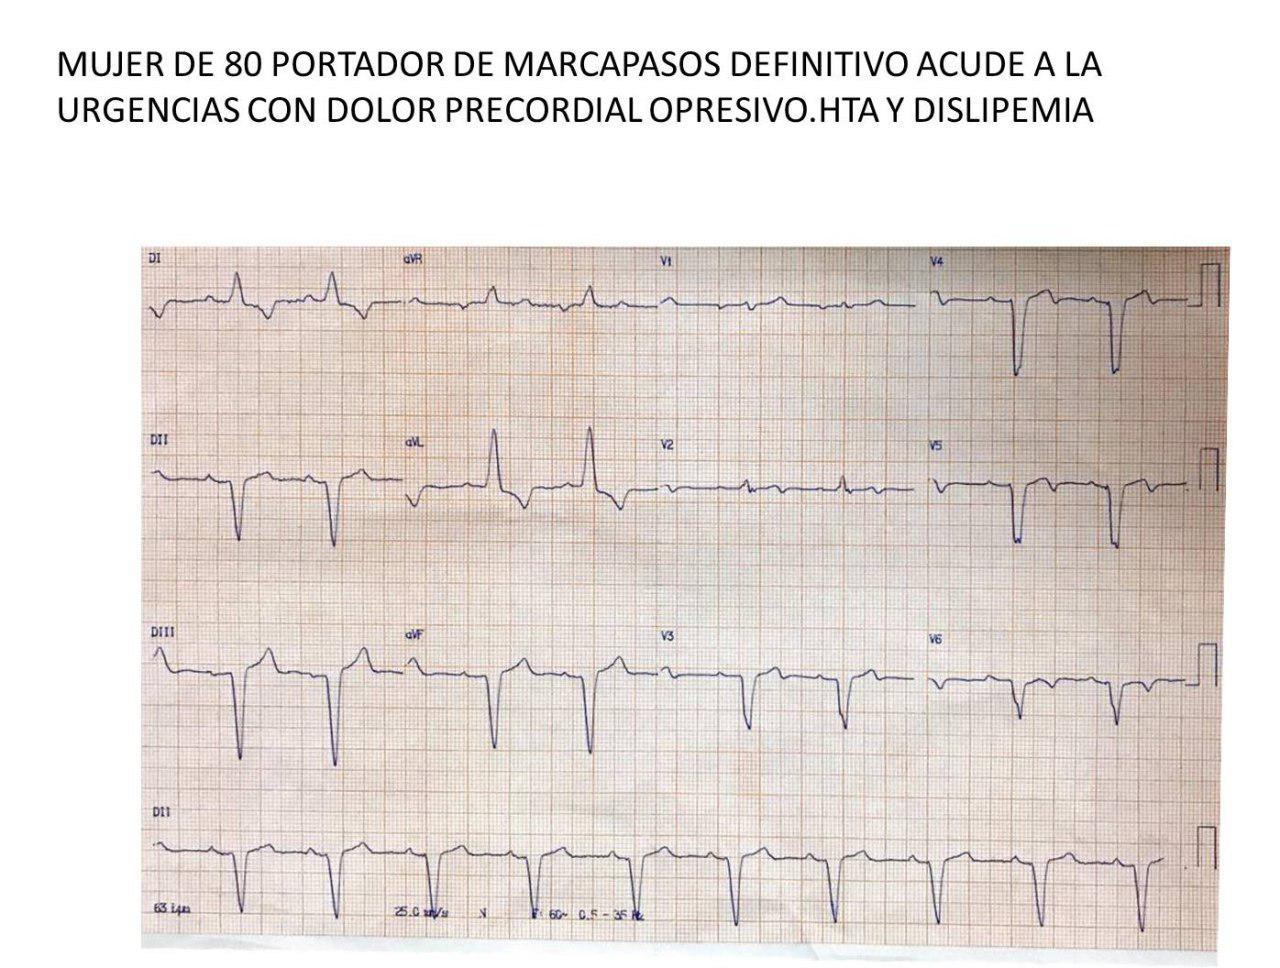 Mujer de 80 años con factores de riesgo y MP implantado que presenta episodio de angor prolongado por compromiso de arteria Cx que es angioplastiada